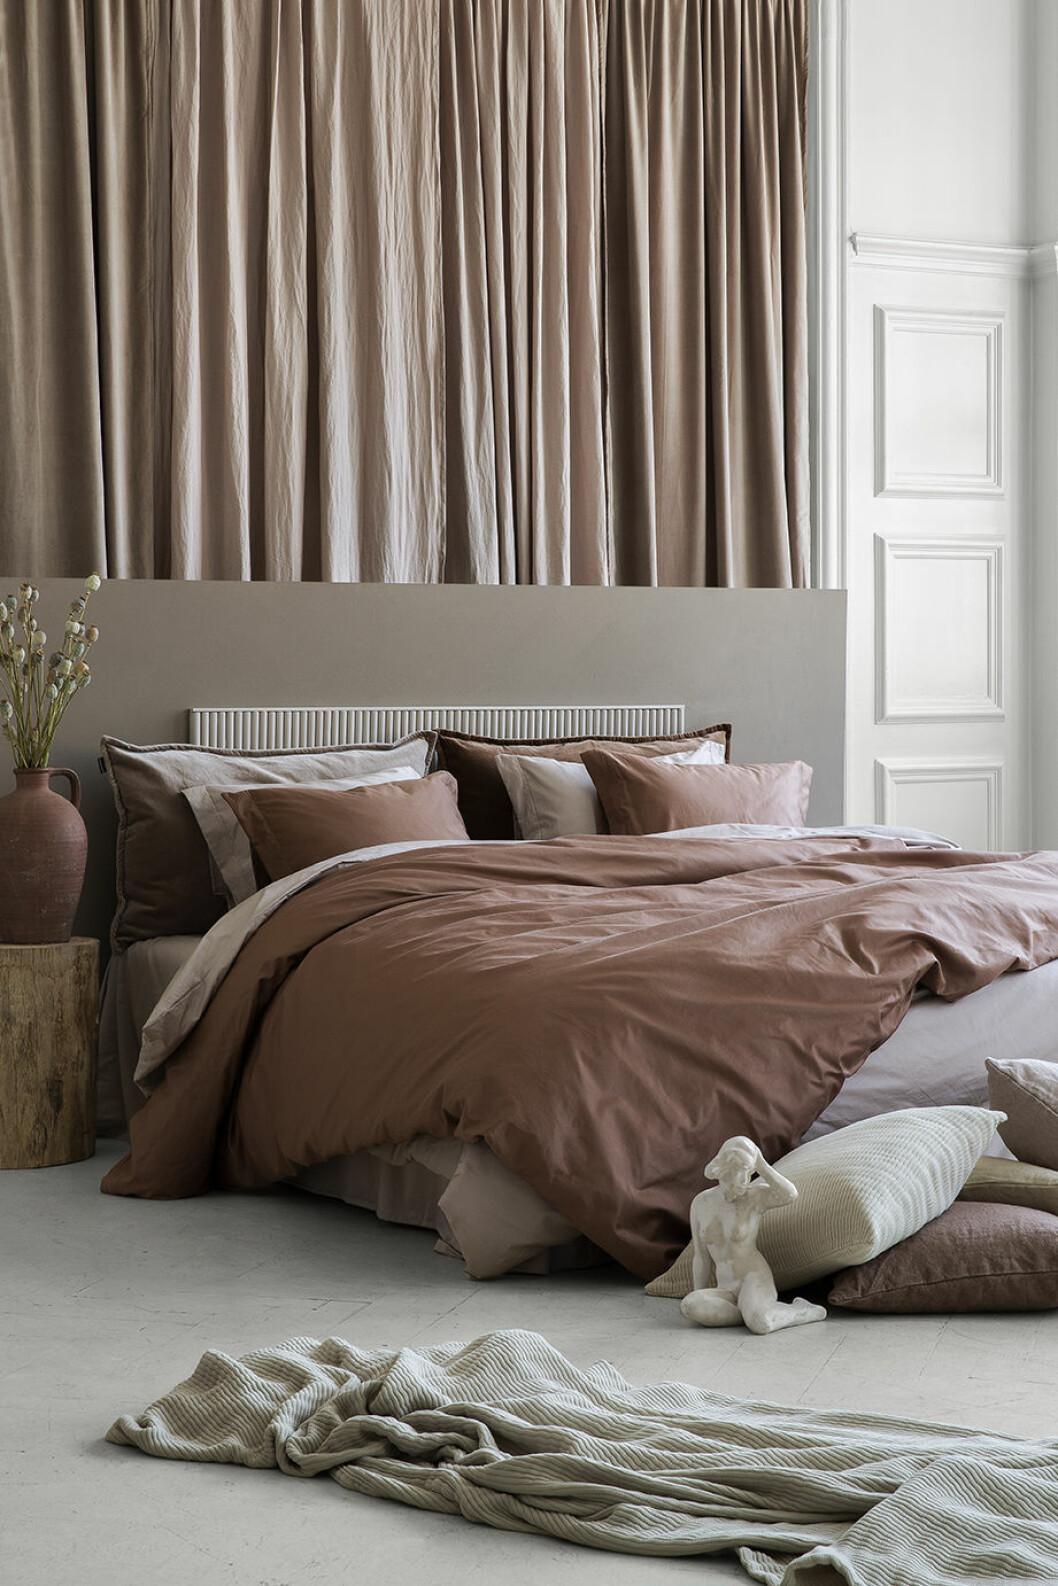 Sängläder från Granit premiumkollektion Muted tones